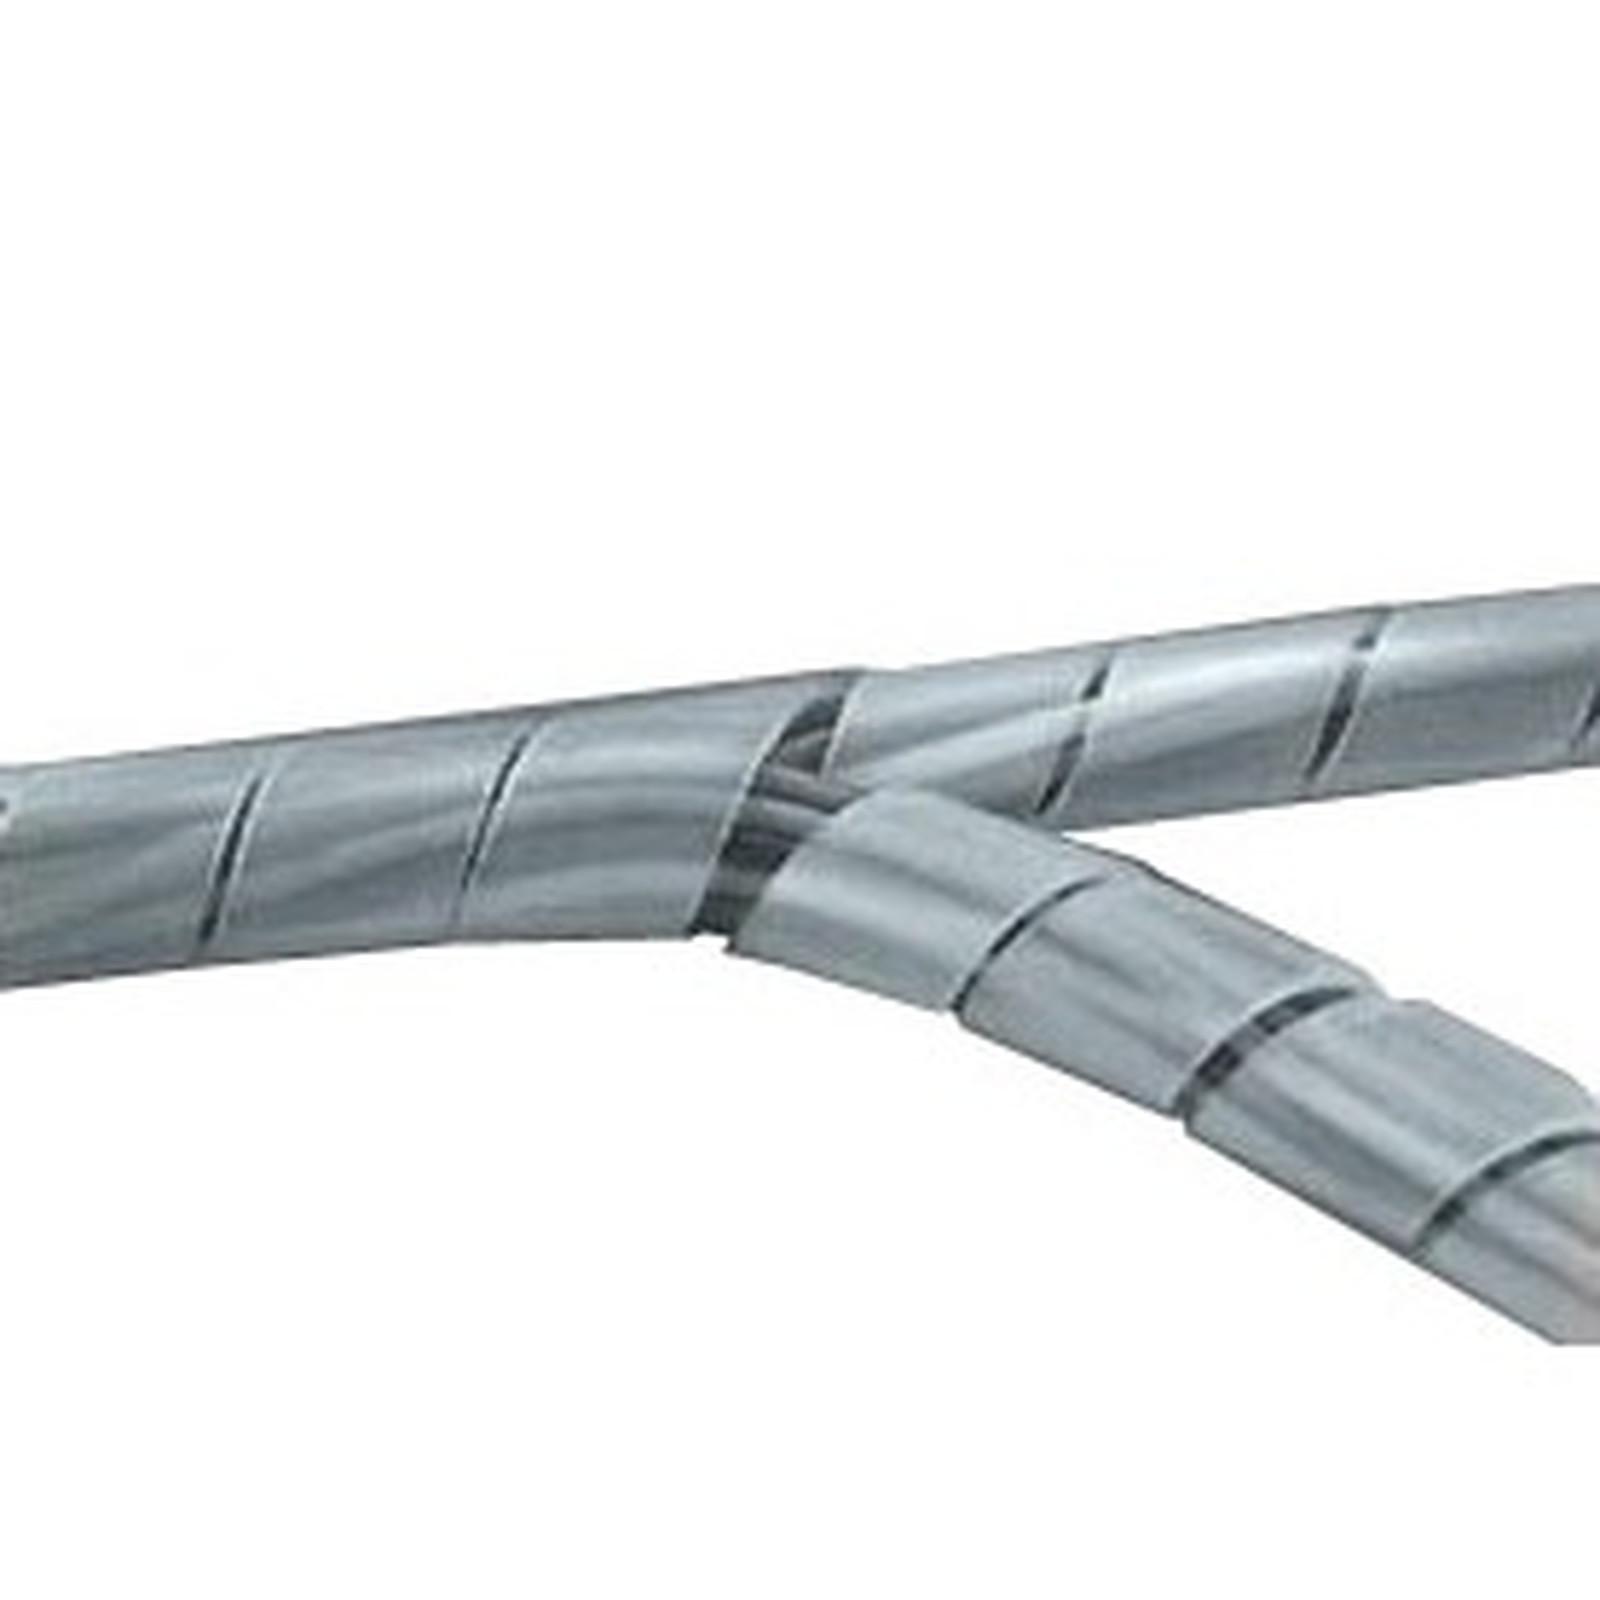 Gaine de rangement pour câbles - diamètre 60 mm max. - longueur 10 m (coloris blanc)